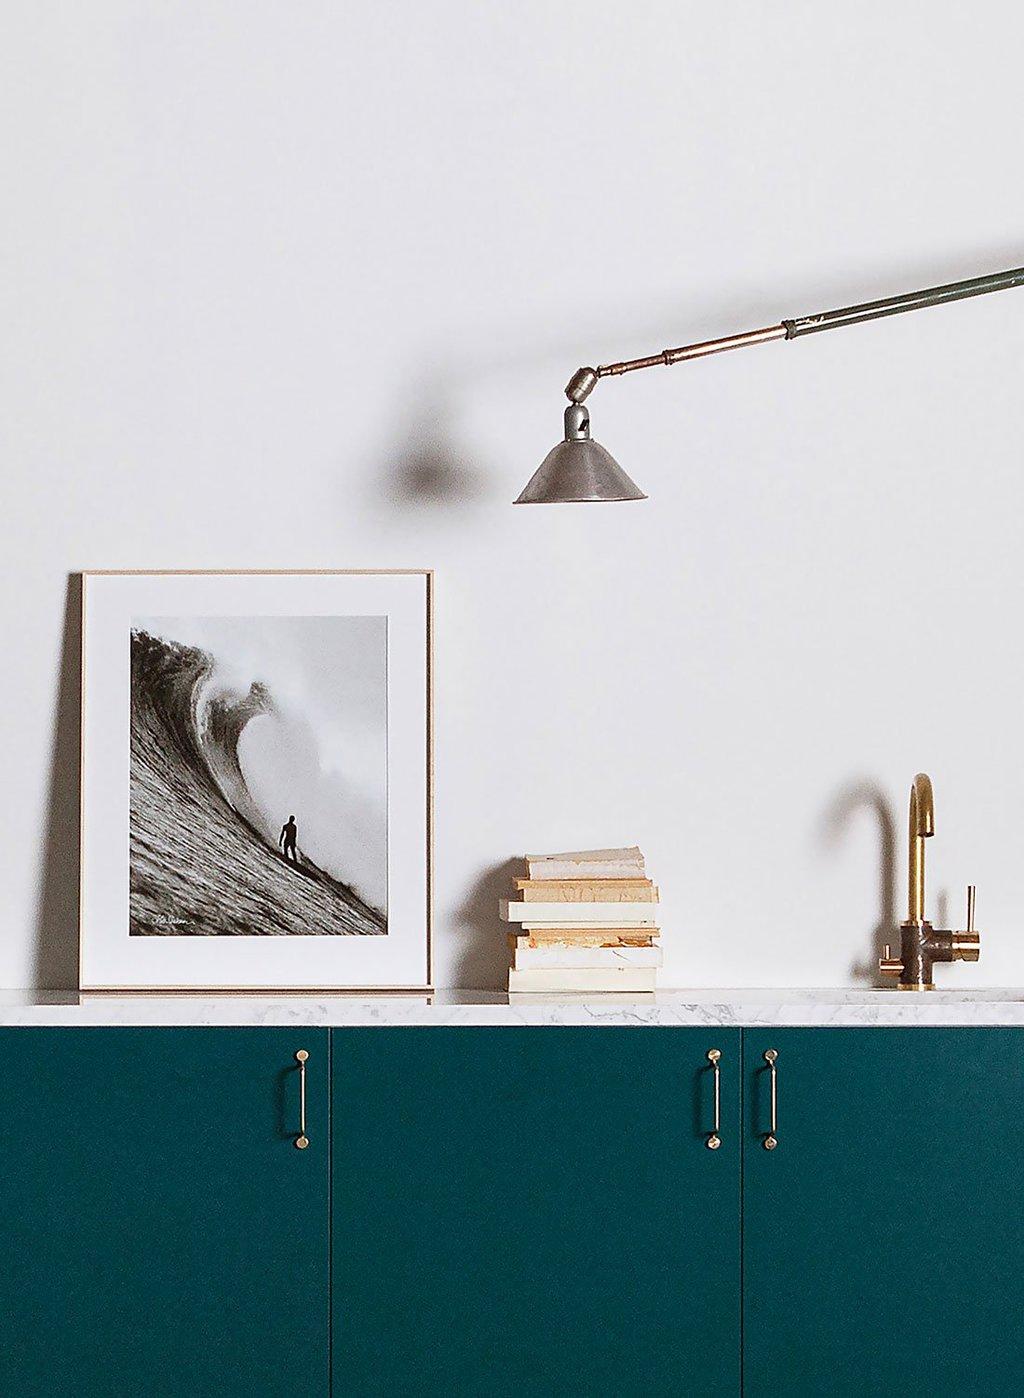 high design ikea hacks have arrived thou swell. Black Bedroom Furniture Sets. Home Design Ideas